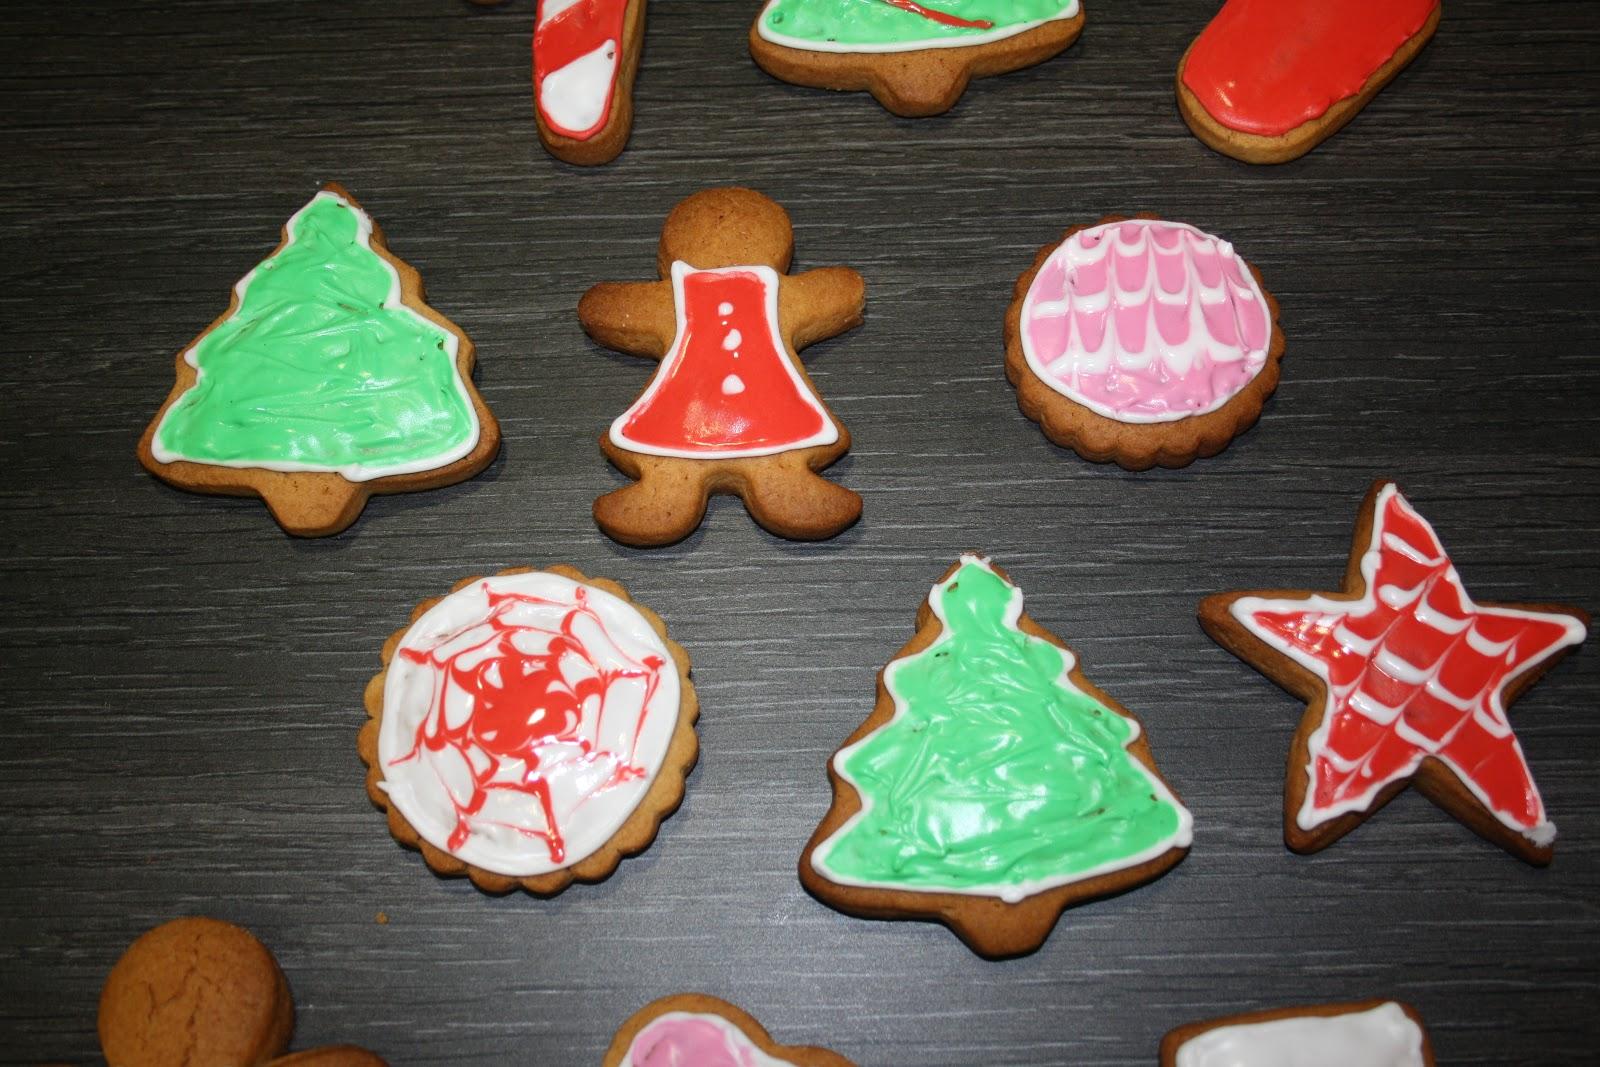 Baldosas de colores galletas navide as - Baldosas de colores ...